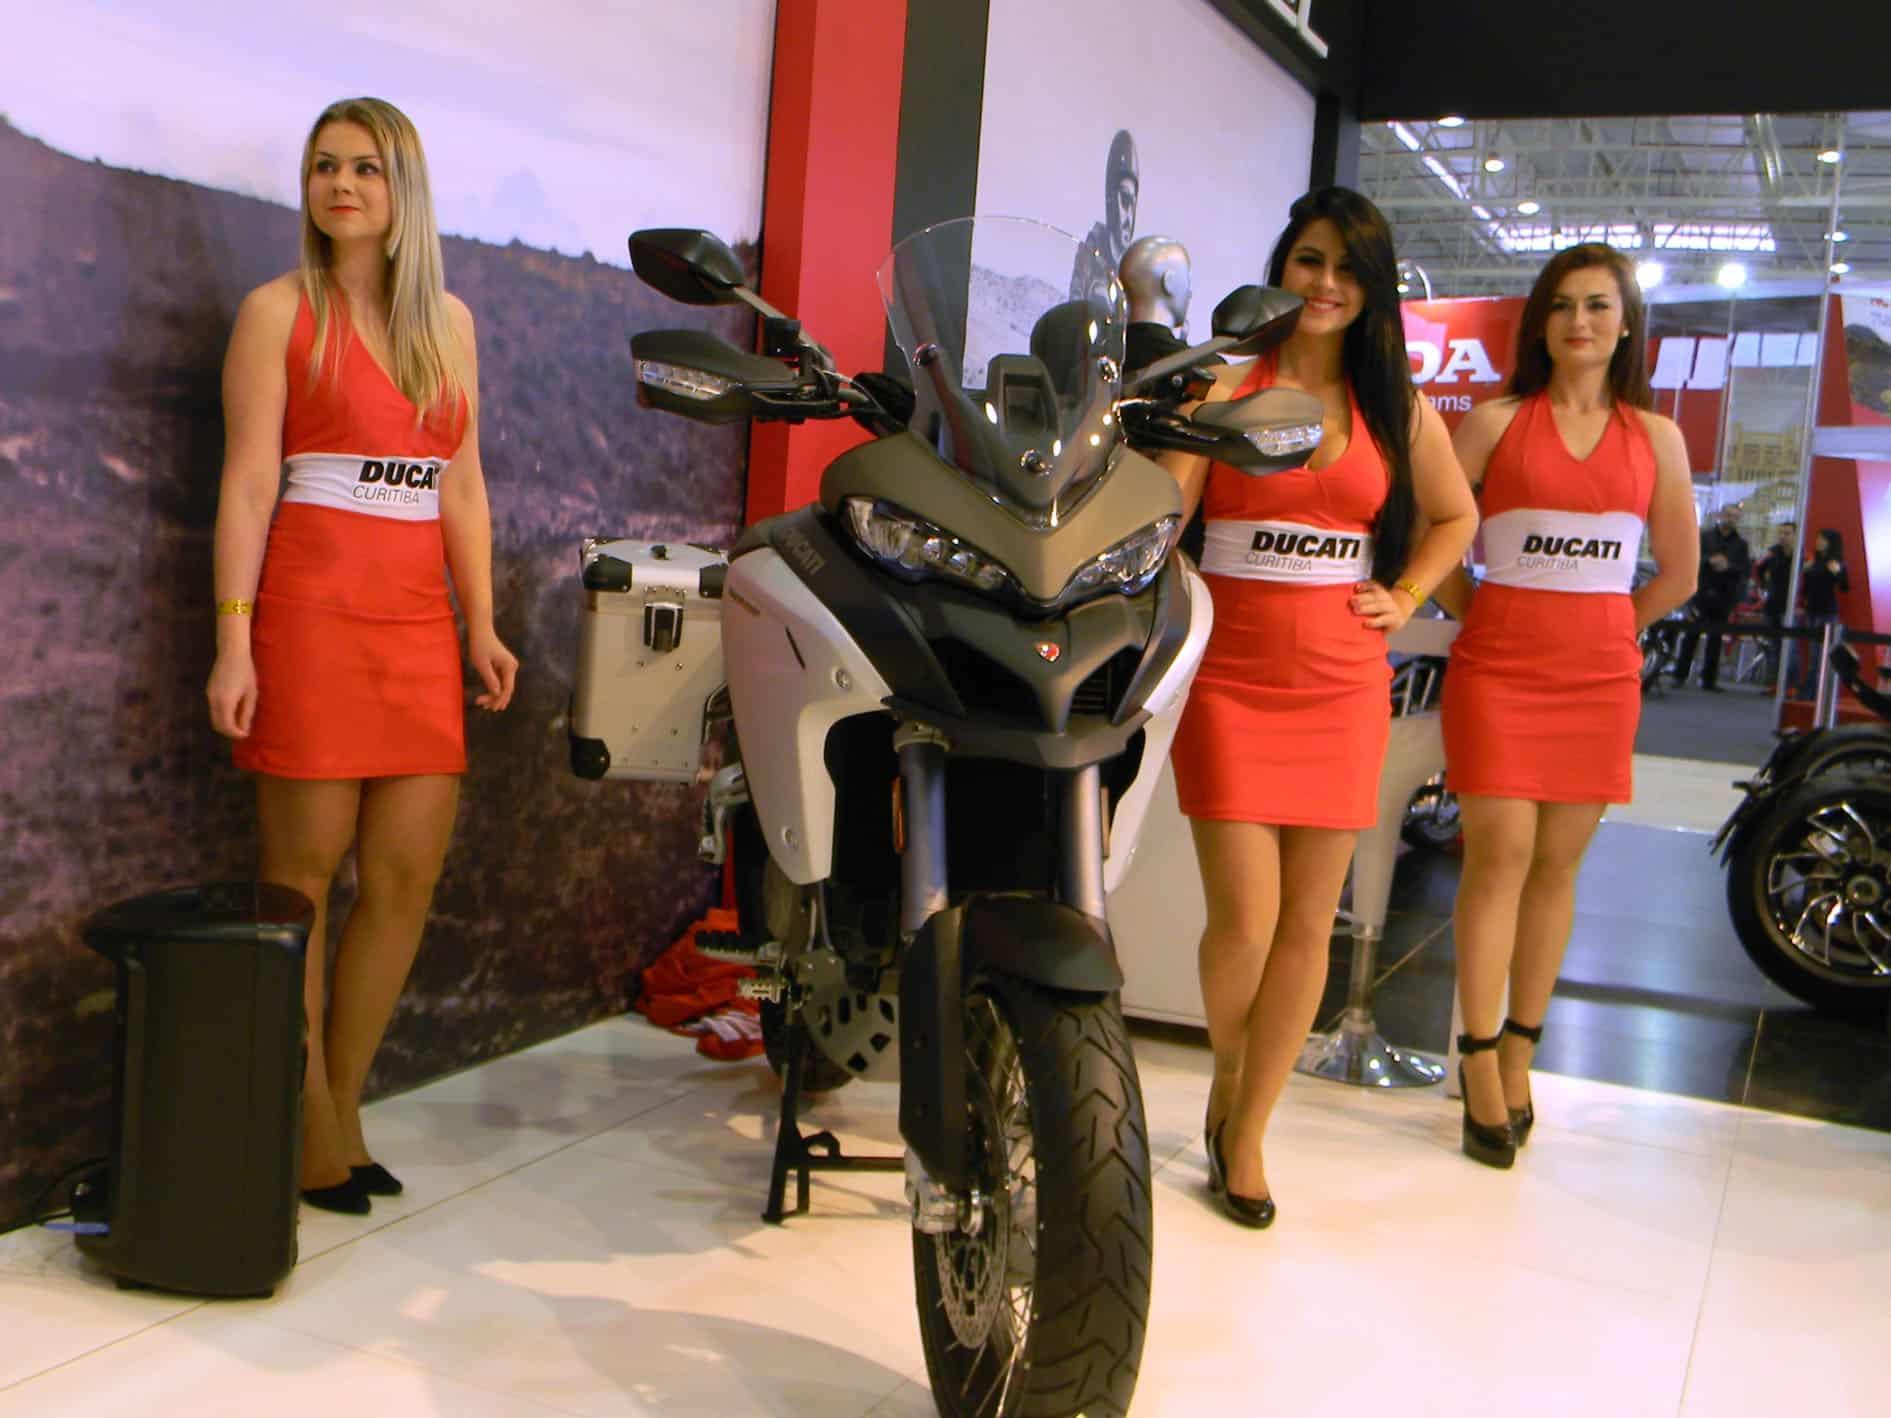 Ducati Multistrada 1200 - Apresentação no Brasil Motorcycle Show em Curitiba